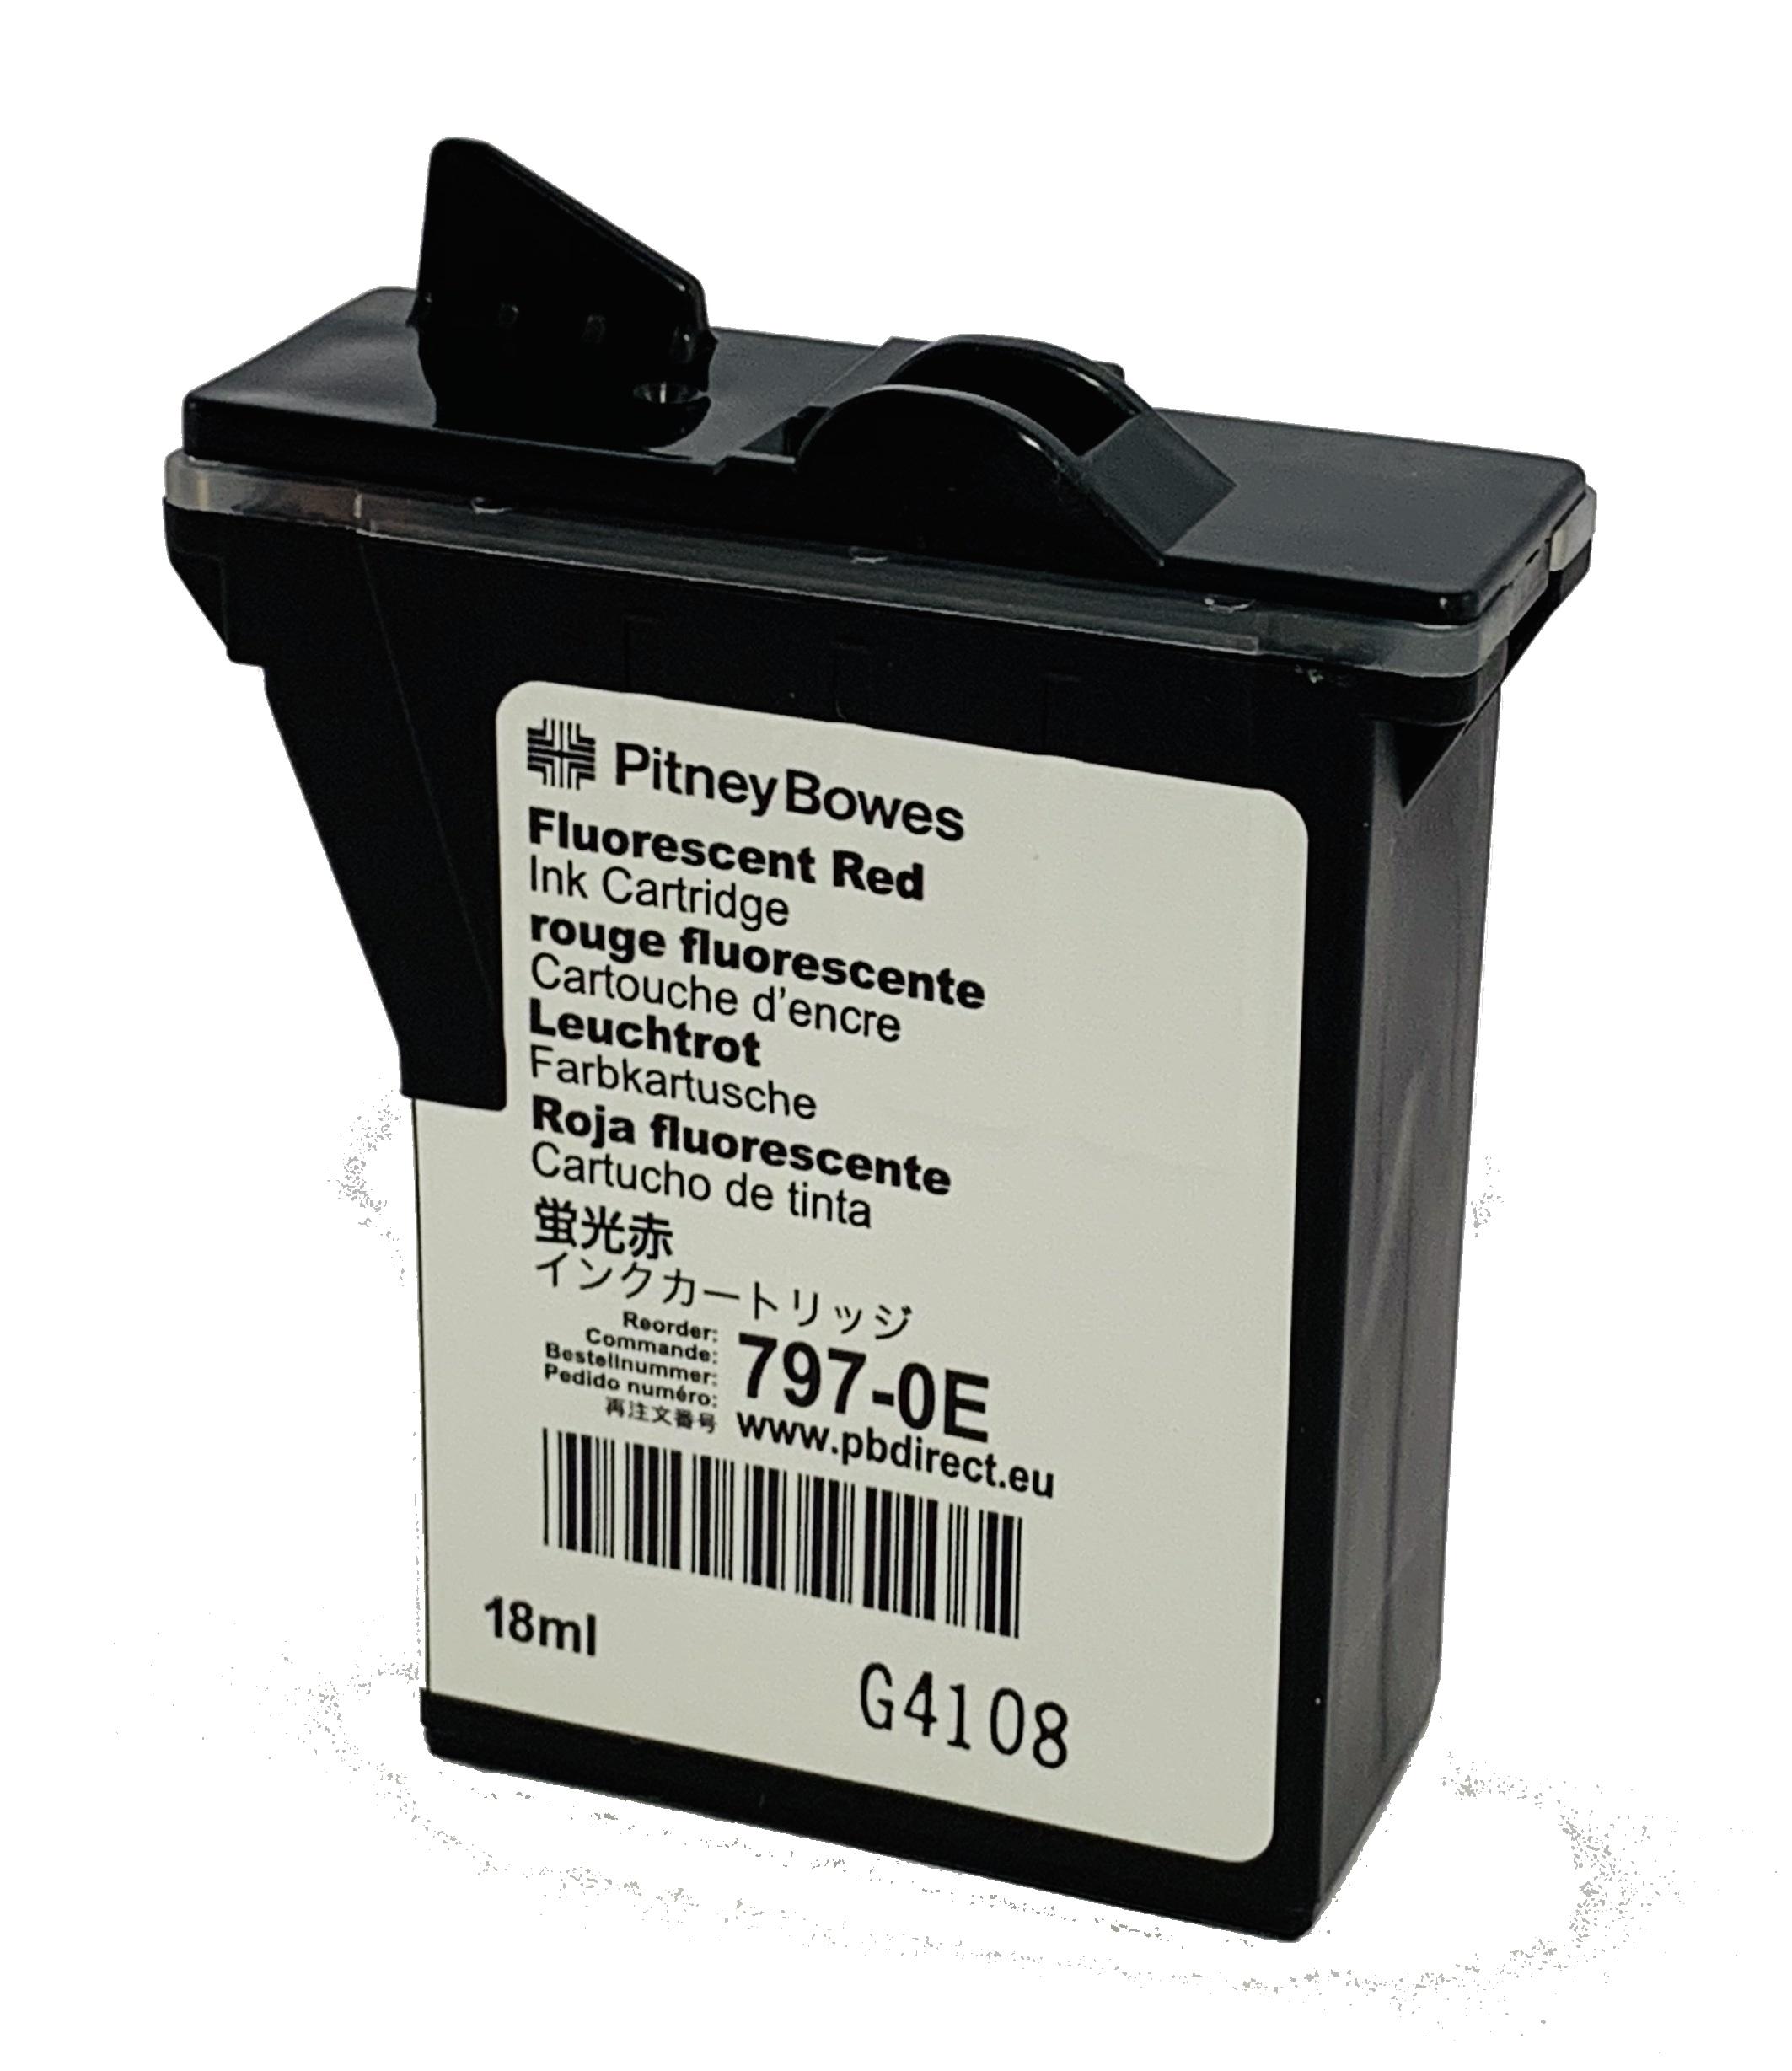 Totalpost/Pitney Bowes DM50, DM55, K700 rødt blekk